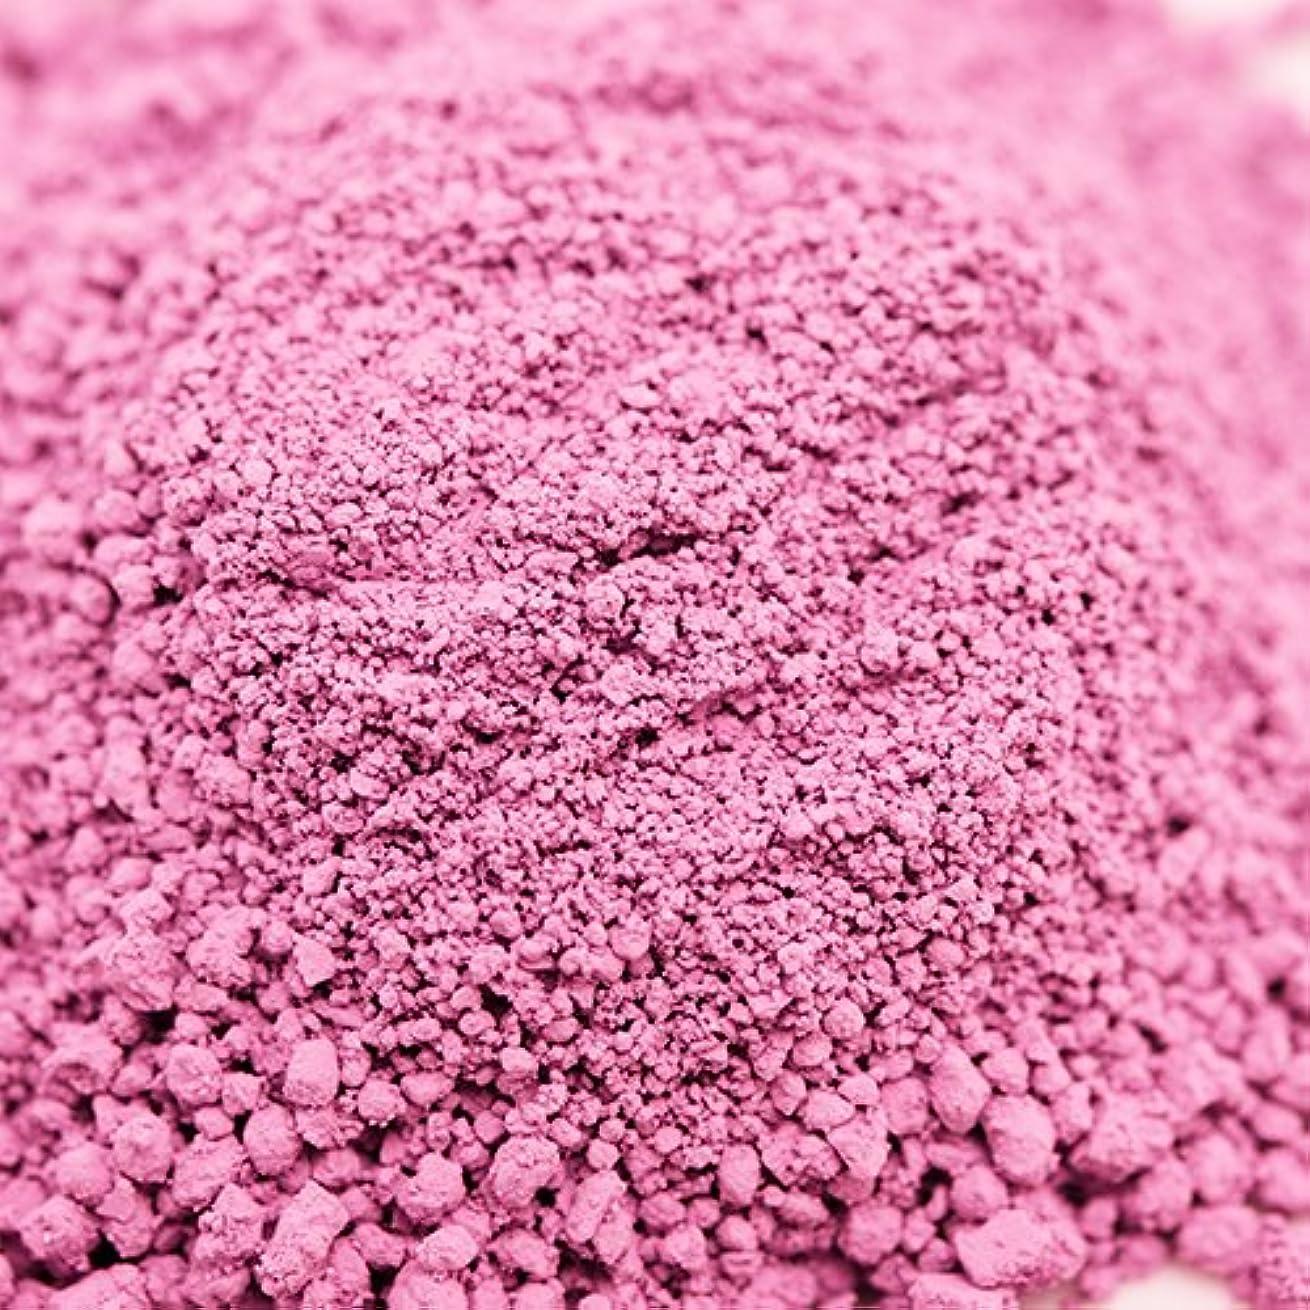 ピット発表極端なウルトラマリン ピンク 5g 【手作り石鹸/手作りコスメ/色付け/カラーラント】